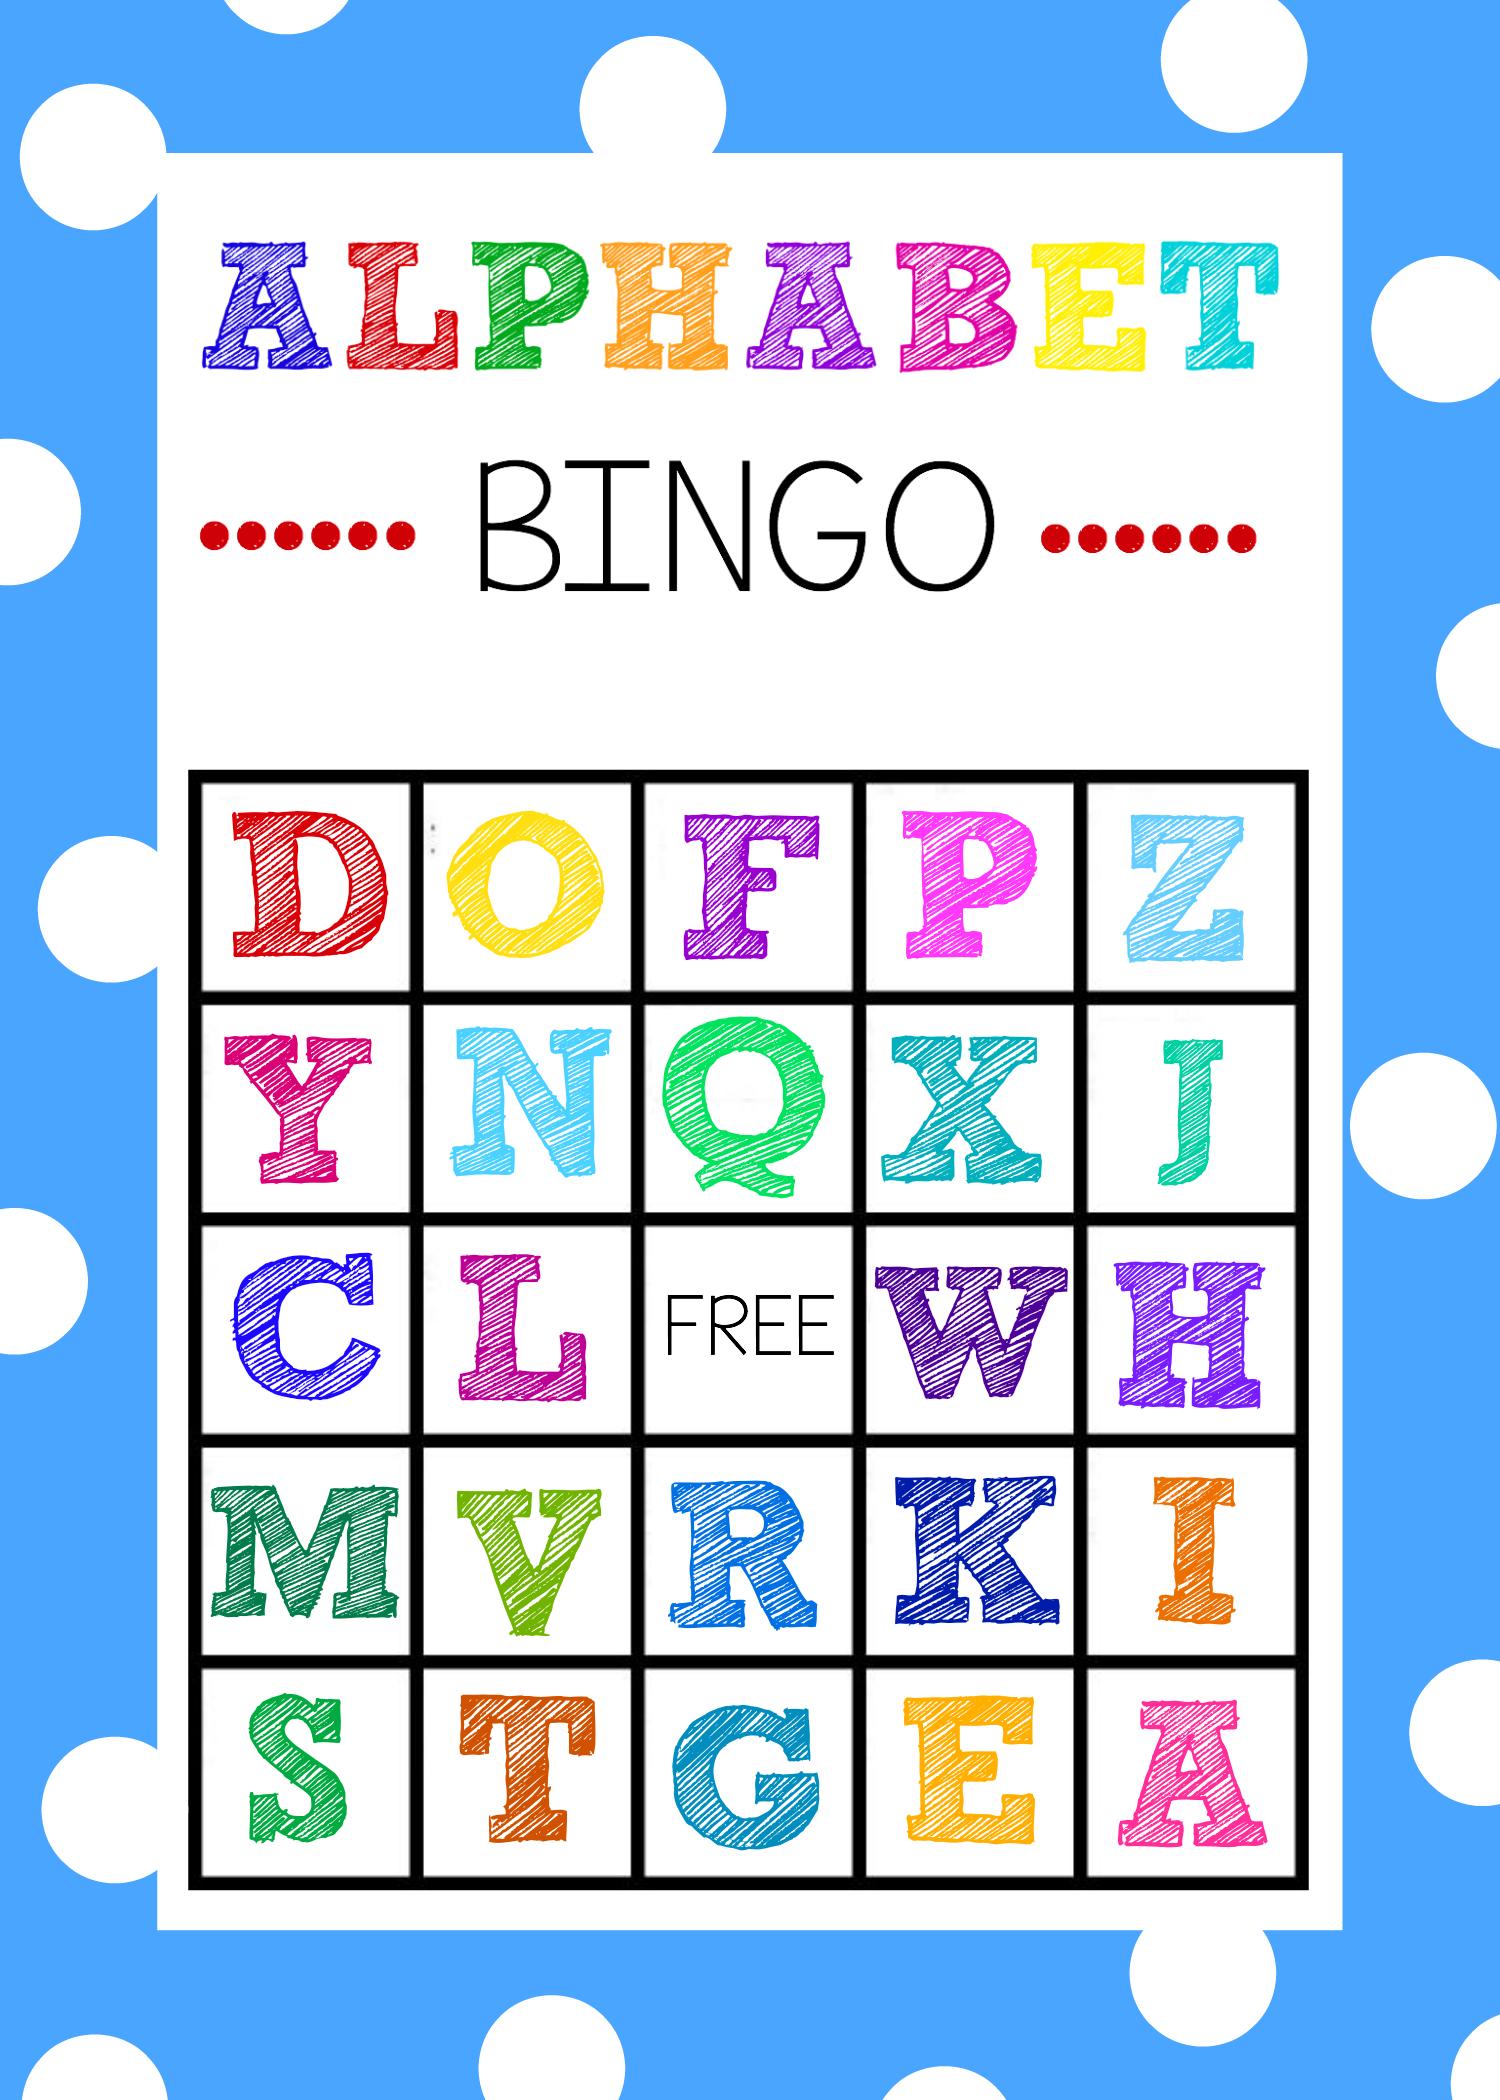 Free Printable Alphabet Bingo Game - Free Printable Bingo